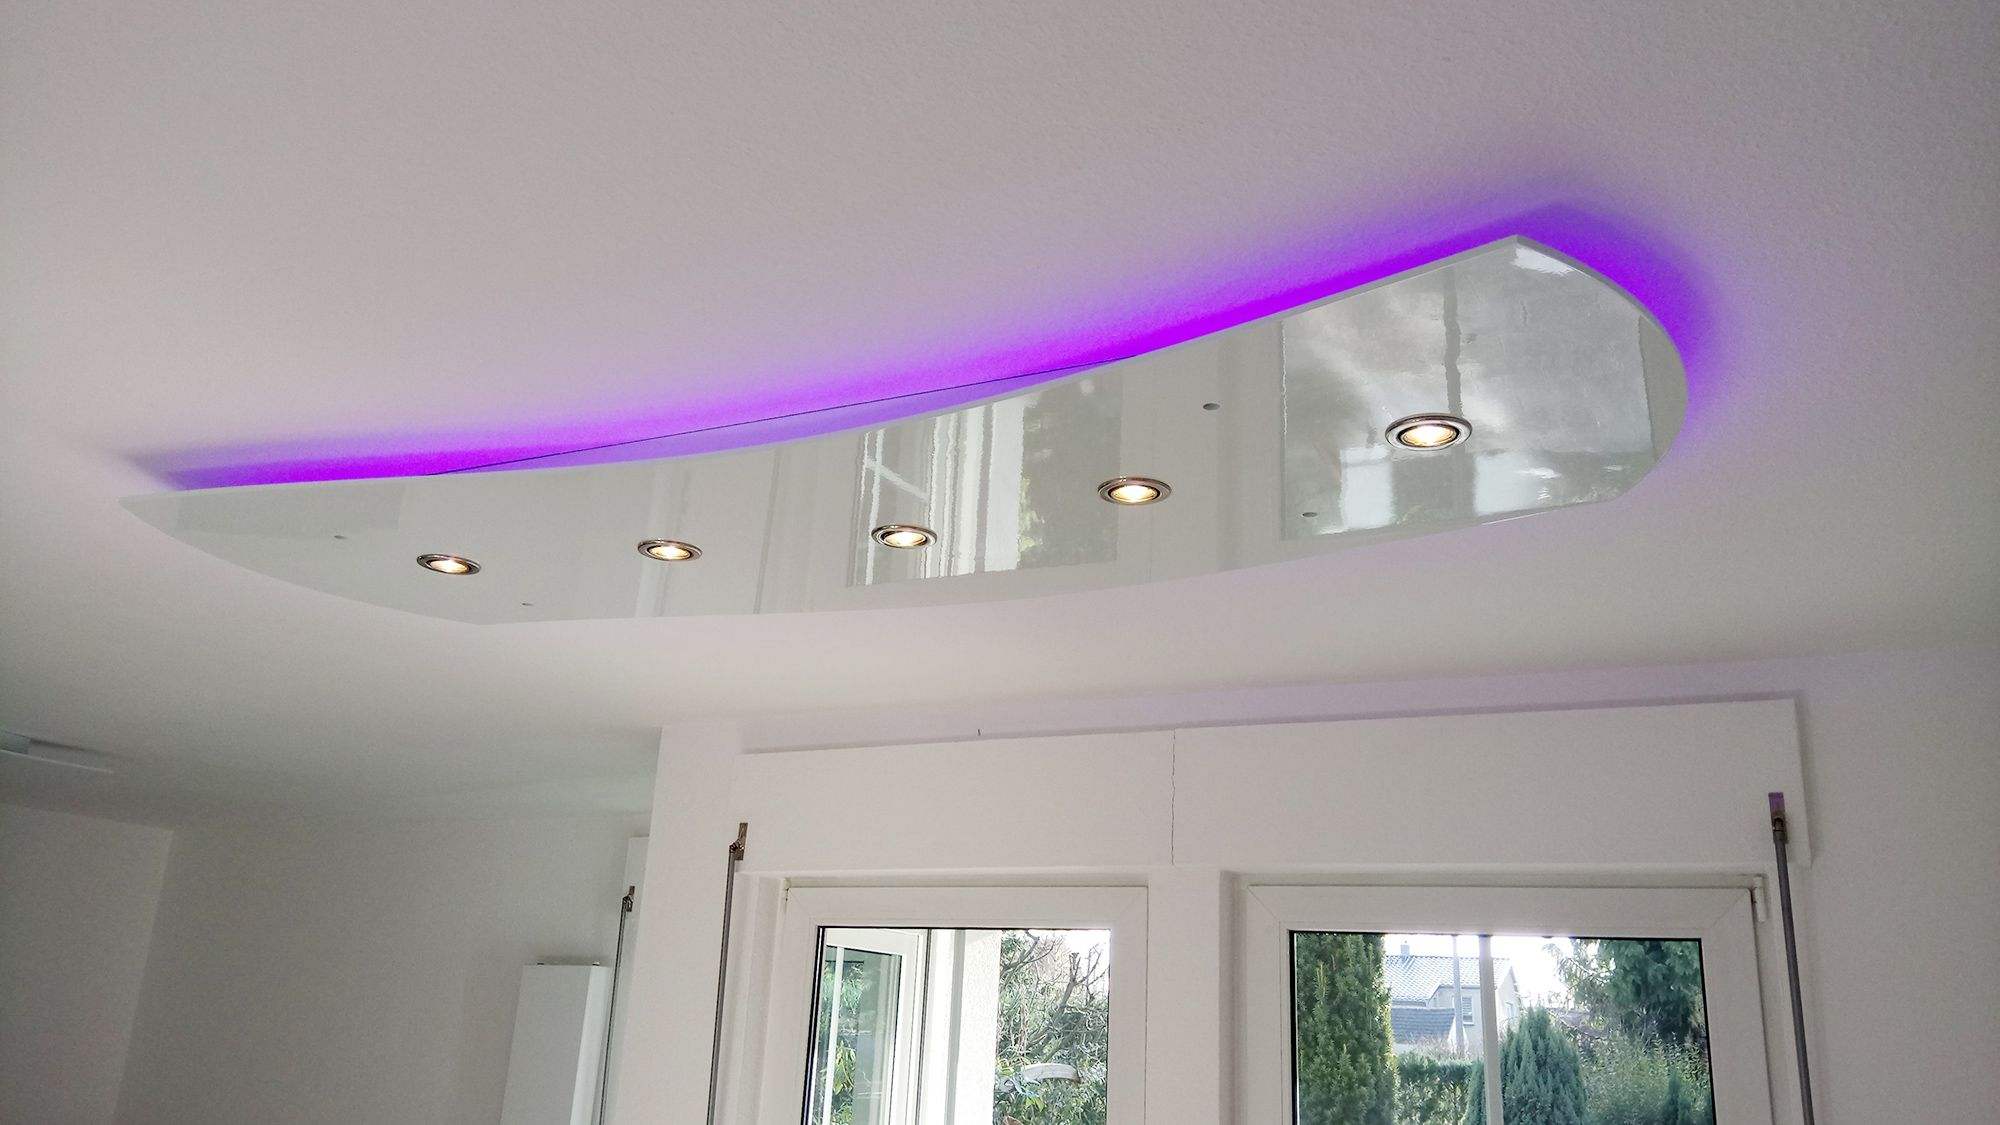 Deckensegel Lisego Wave Beleuchtung Indirekte Beleuchtung Led Strahler